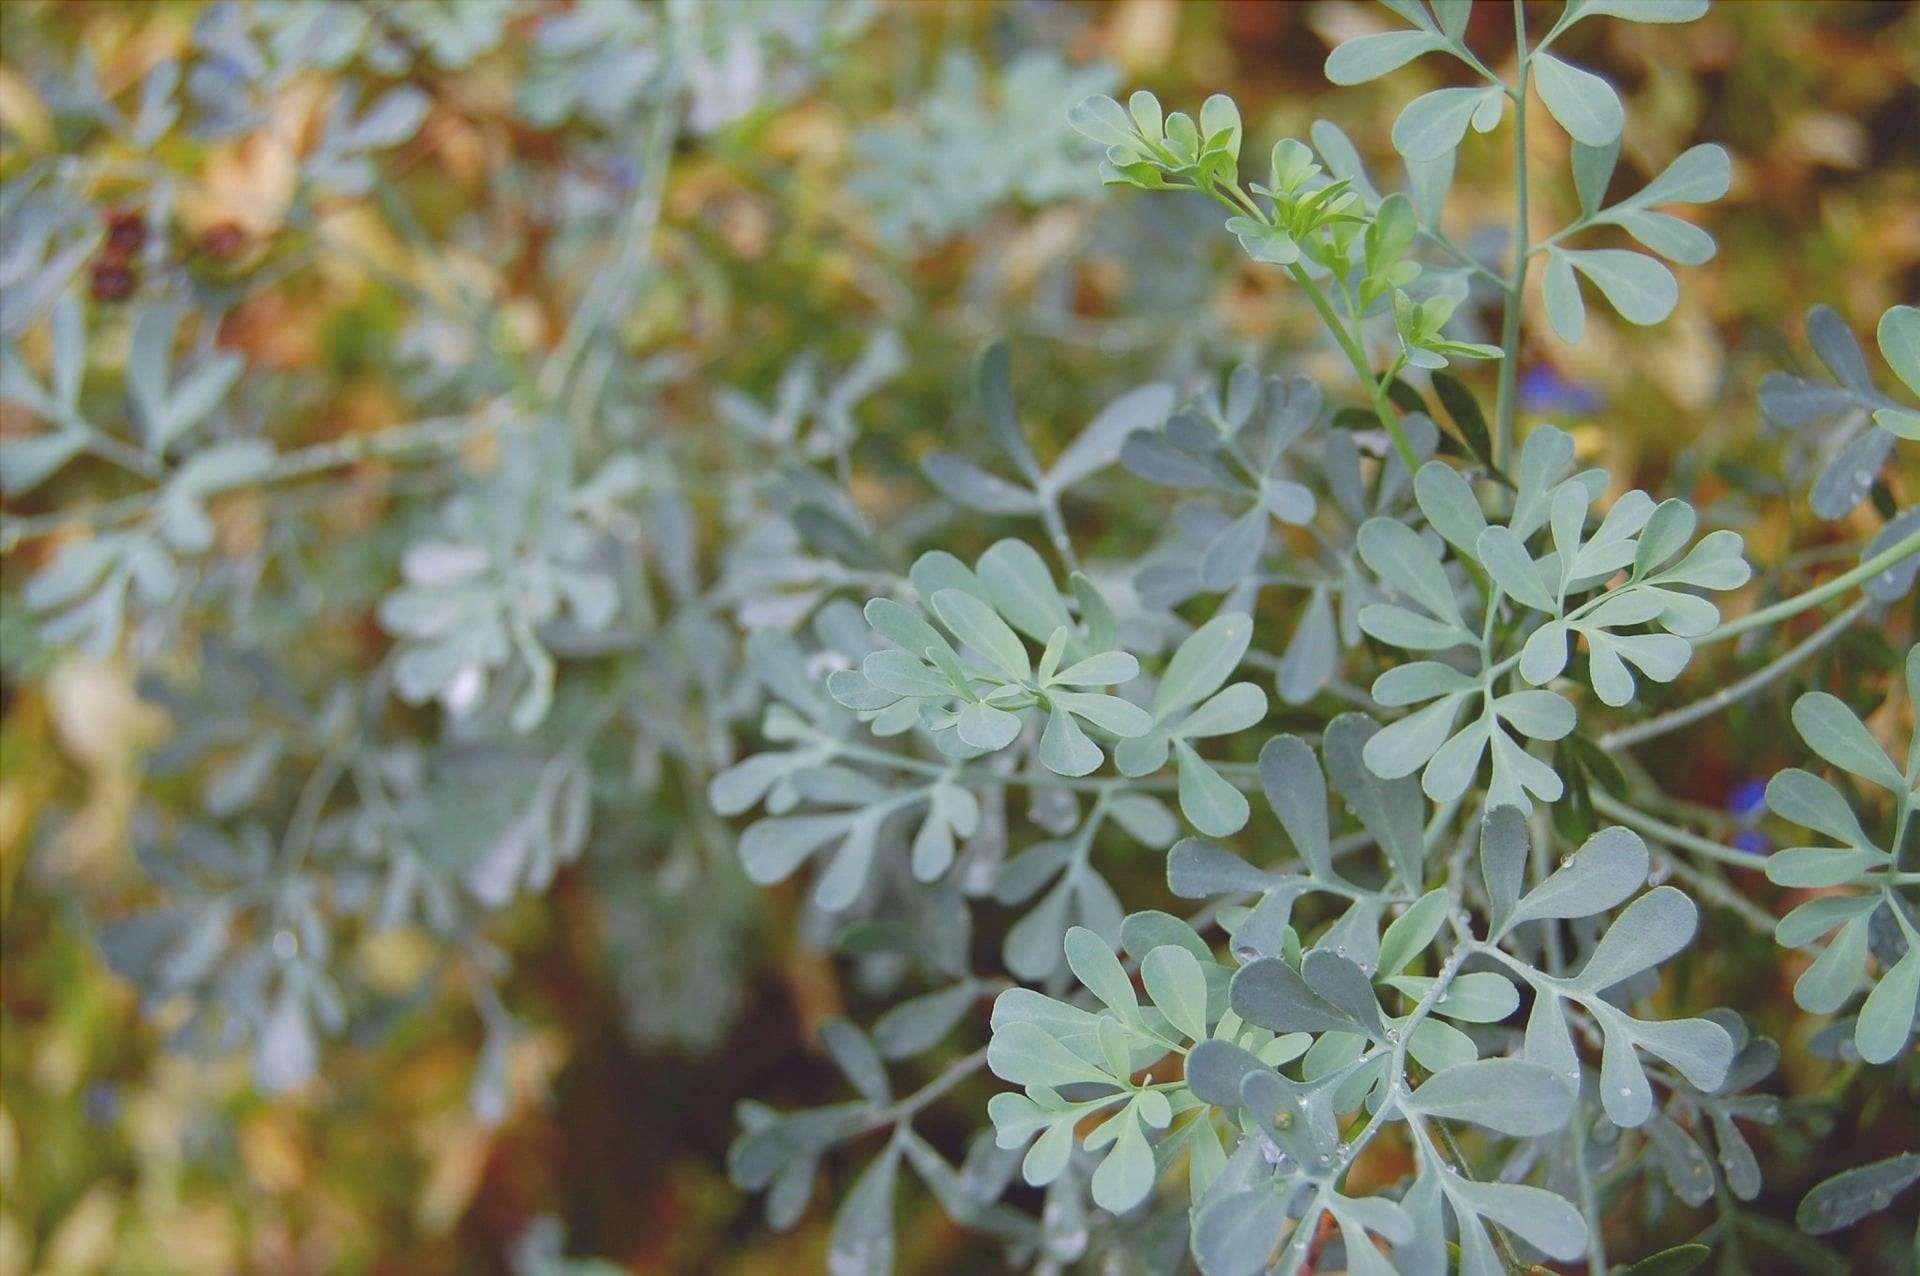 La ruta è una pianta aromatica che germoglia bene in casa.